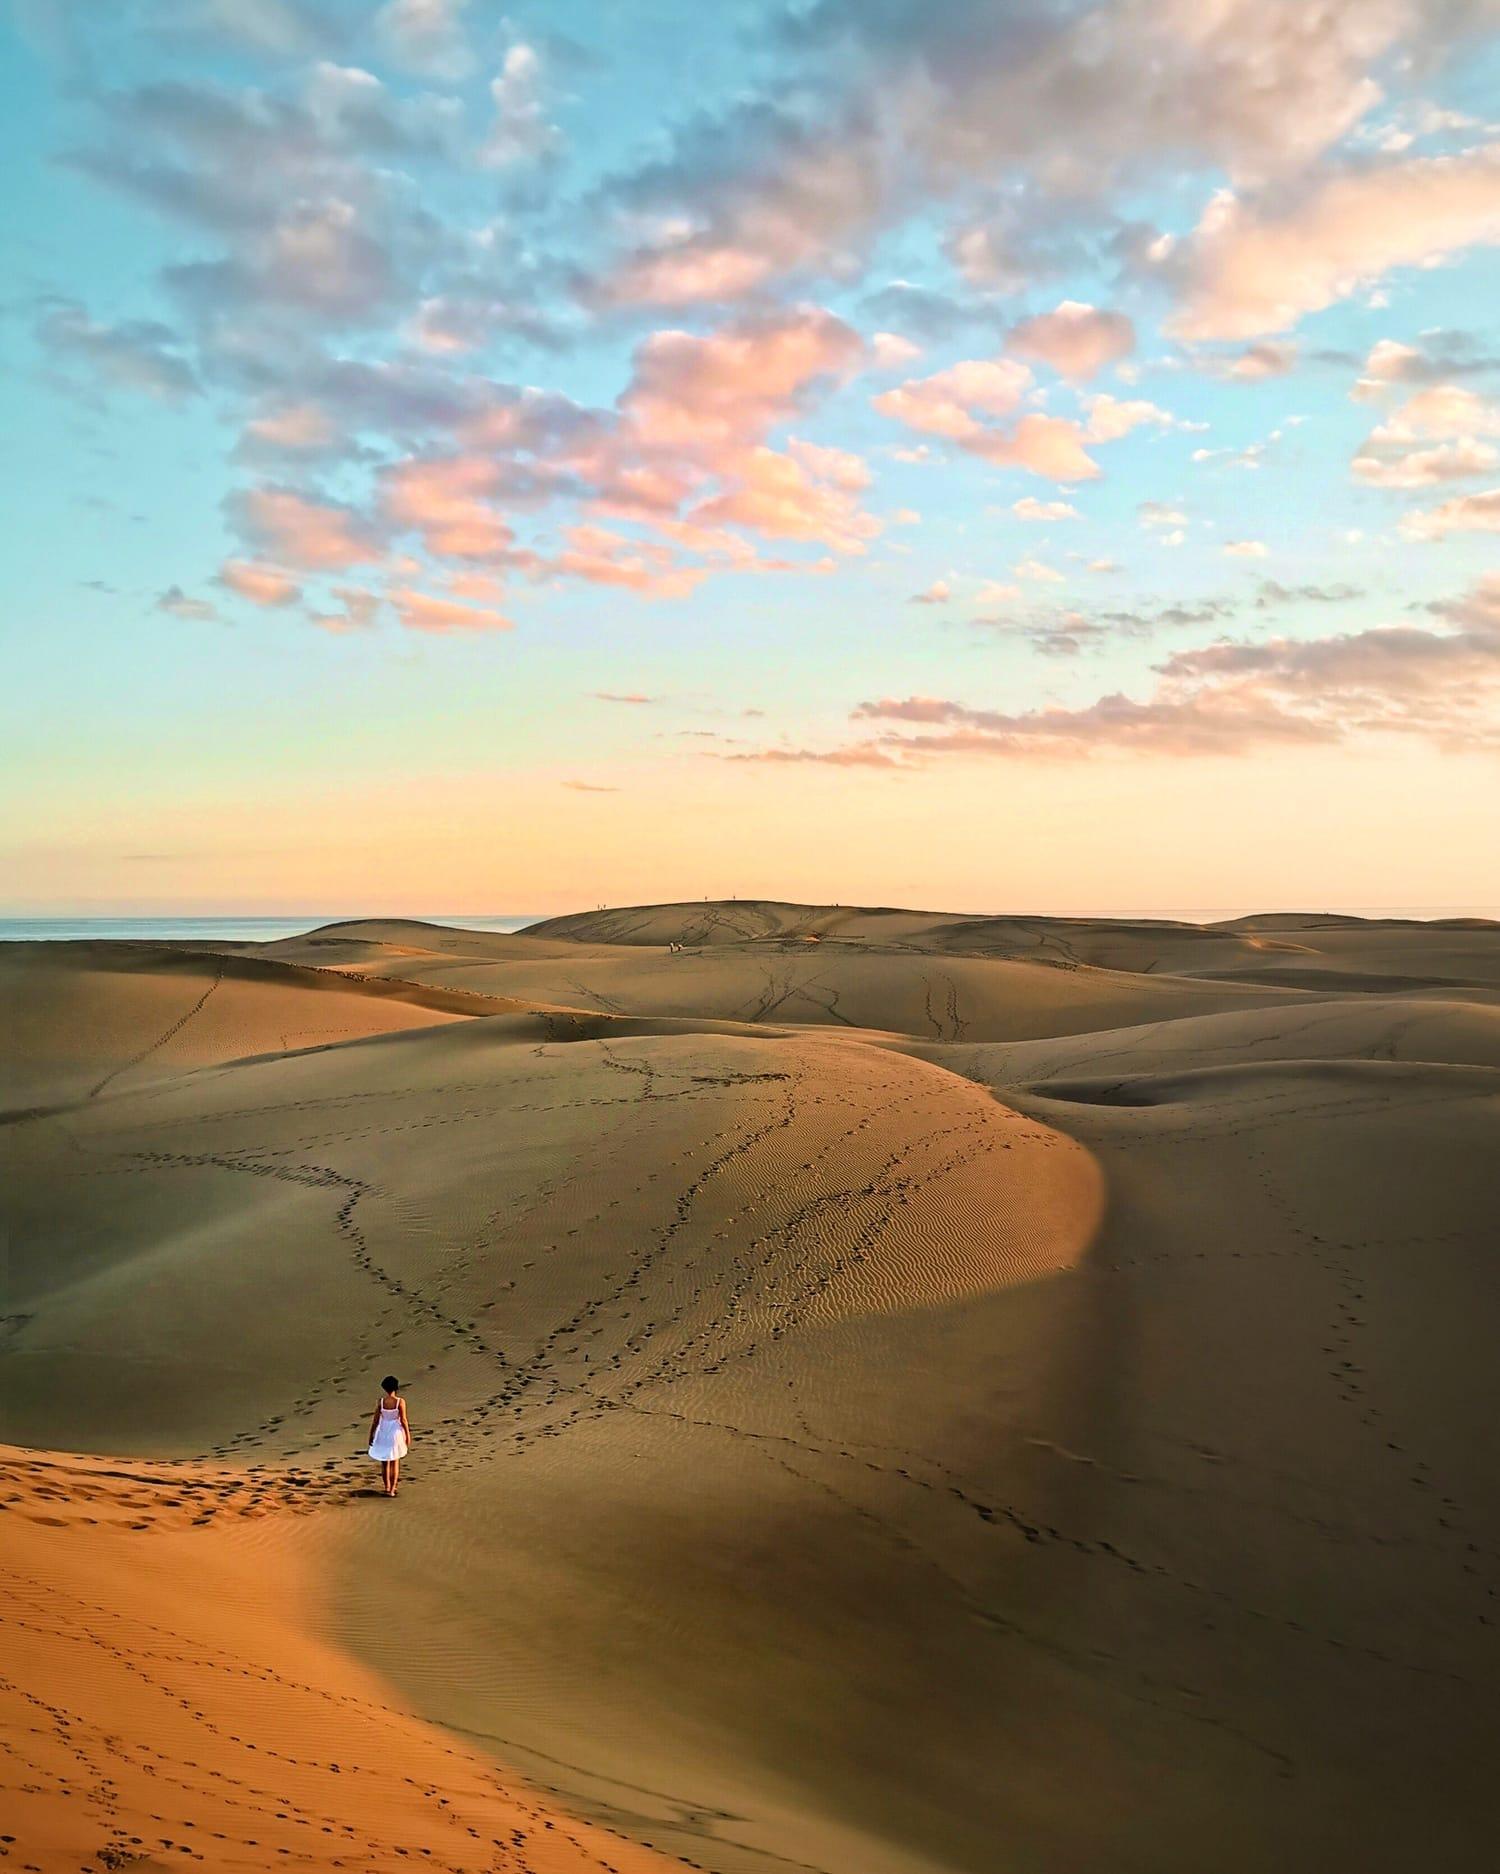 dunas y cielo al atardecer fotografiadas con Huawei P30 Pro